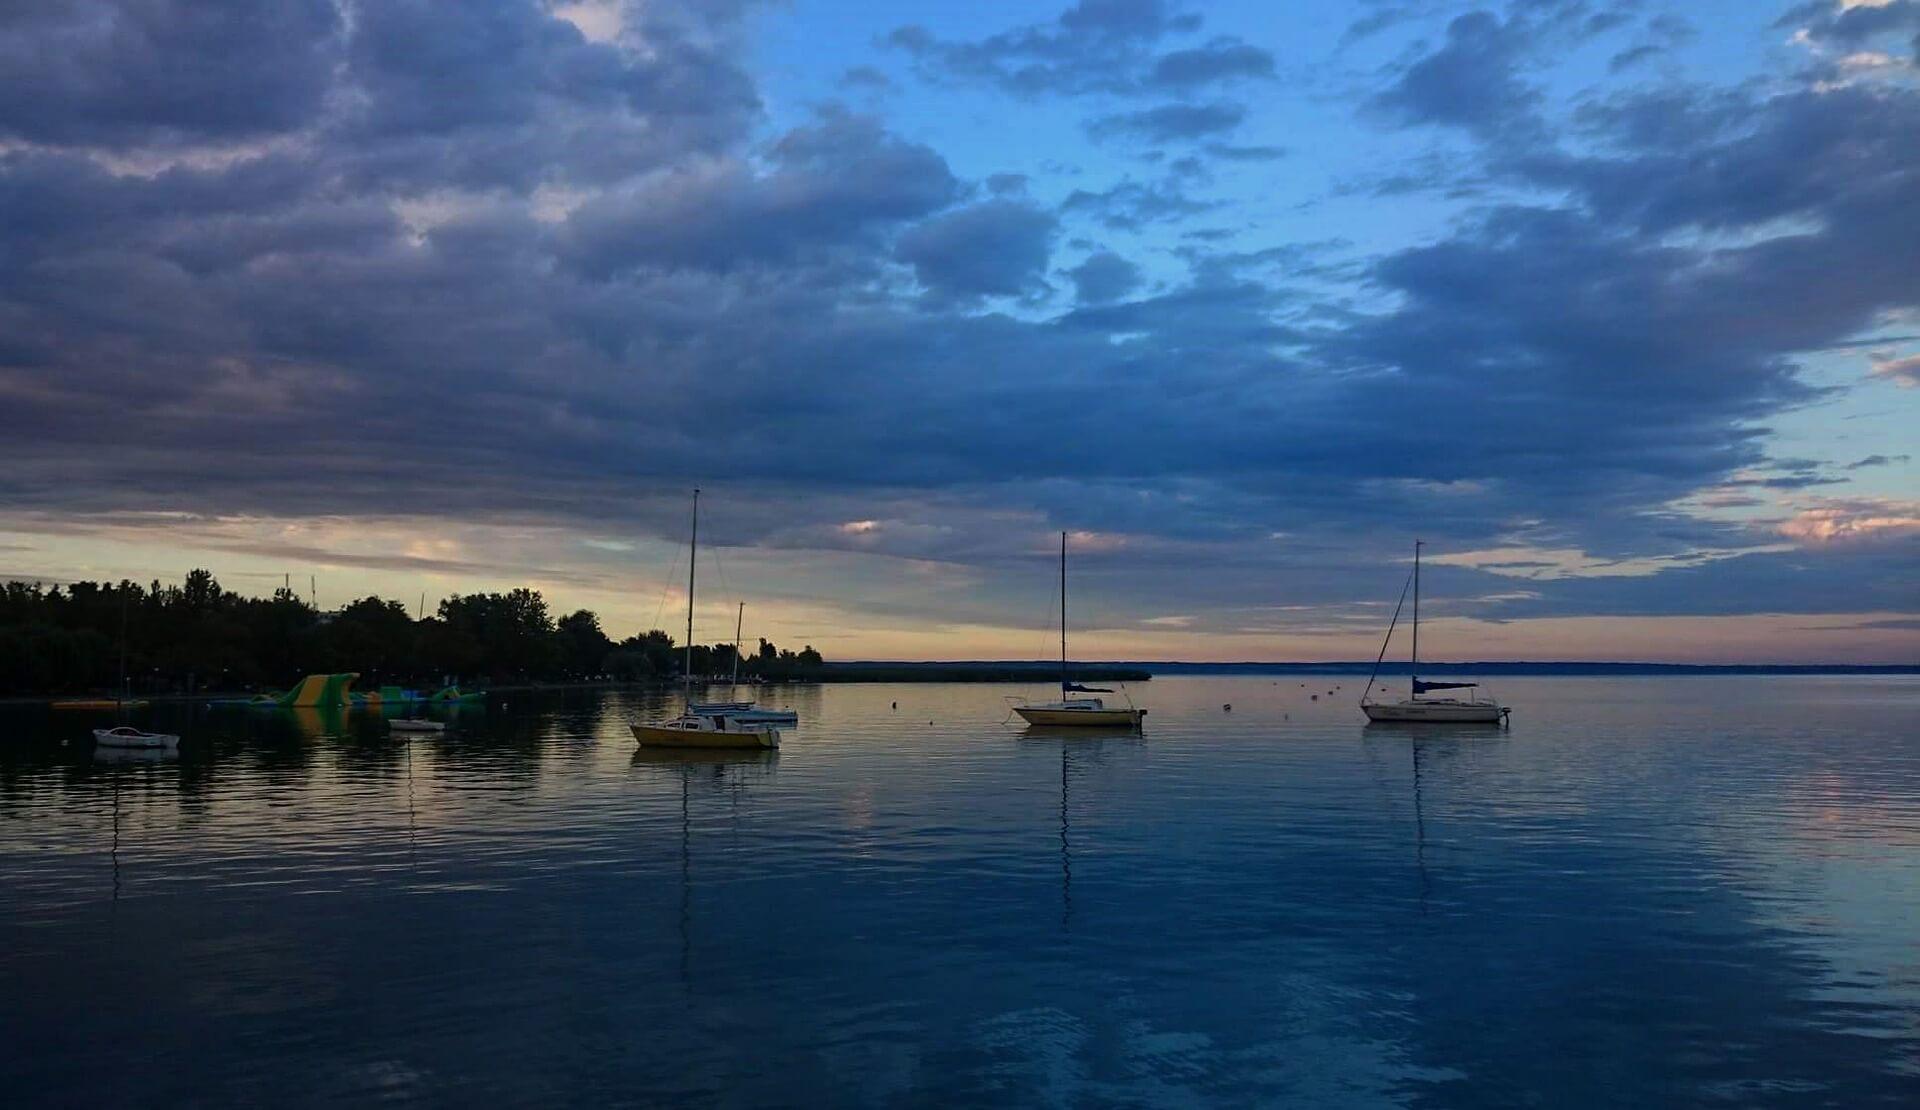 Ha idén is elmaradna a külföldi nyaralás: megfizethető nyaralók a Balatonon!